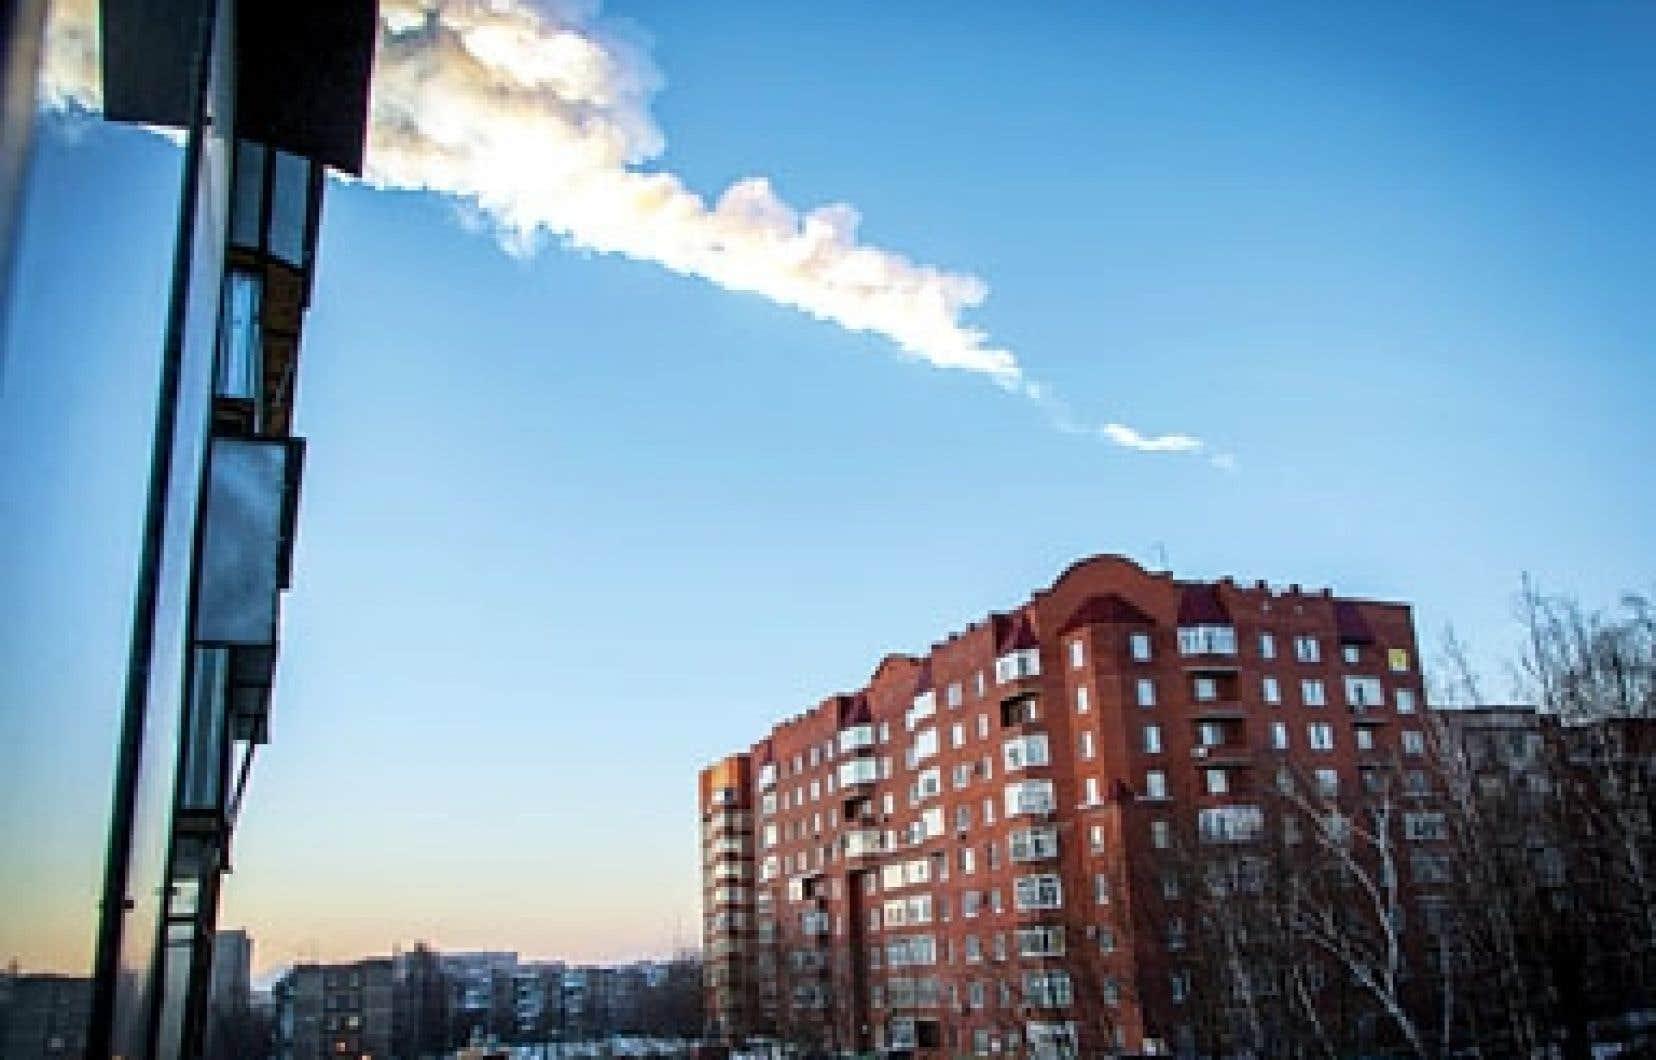 Les fragments incandescents de la météorite ont laissé derrière eux des traînées de fumée.